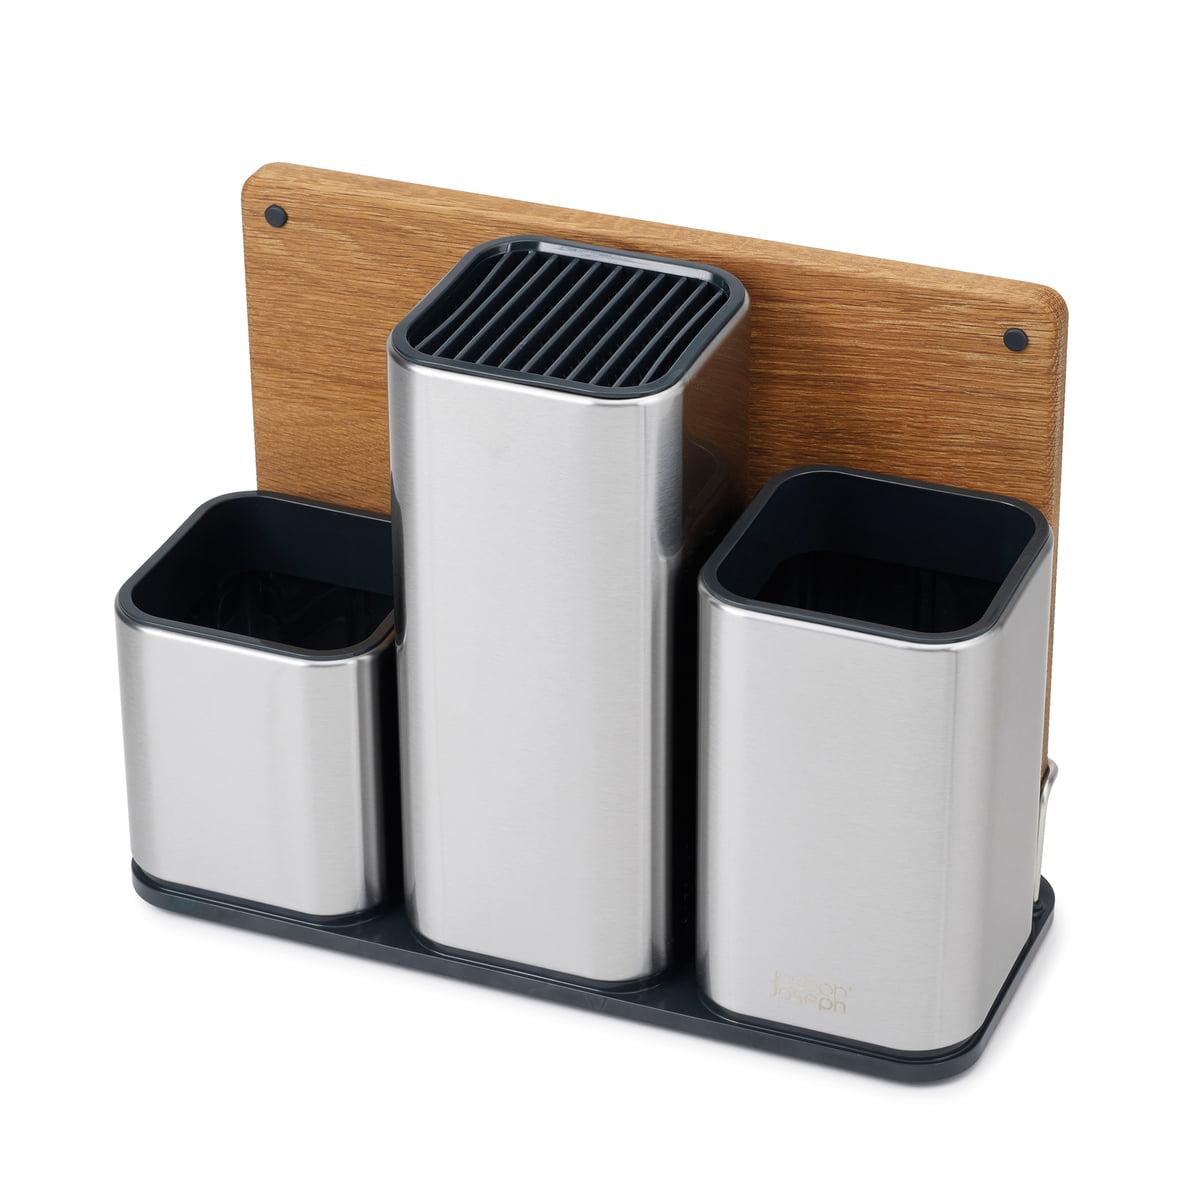 Full Size of Counterstore 100 Von Joseph Connox Aufbewahrungsbehälter Küche Küchen Regal Wohnzimmer Küchen Aufbewahrungsbehälter